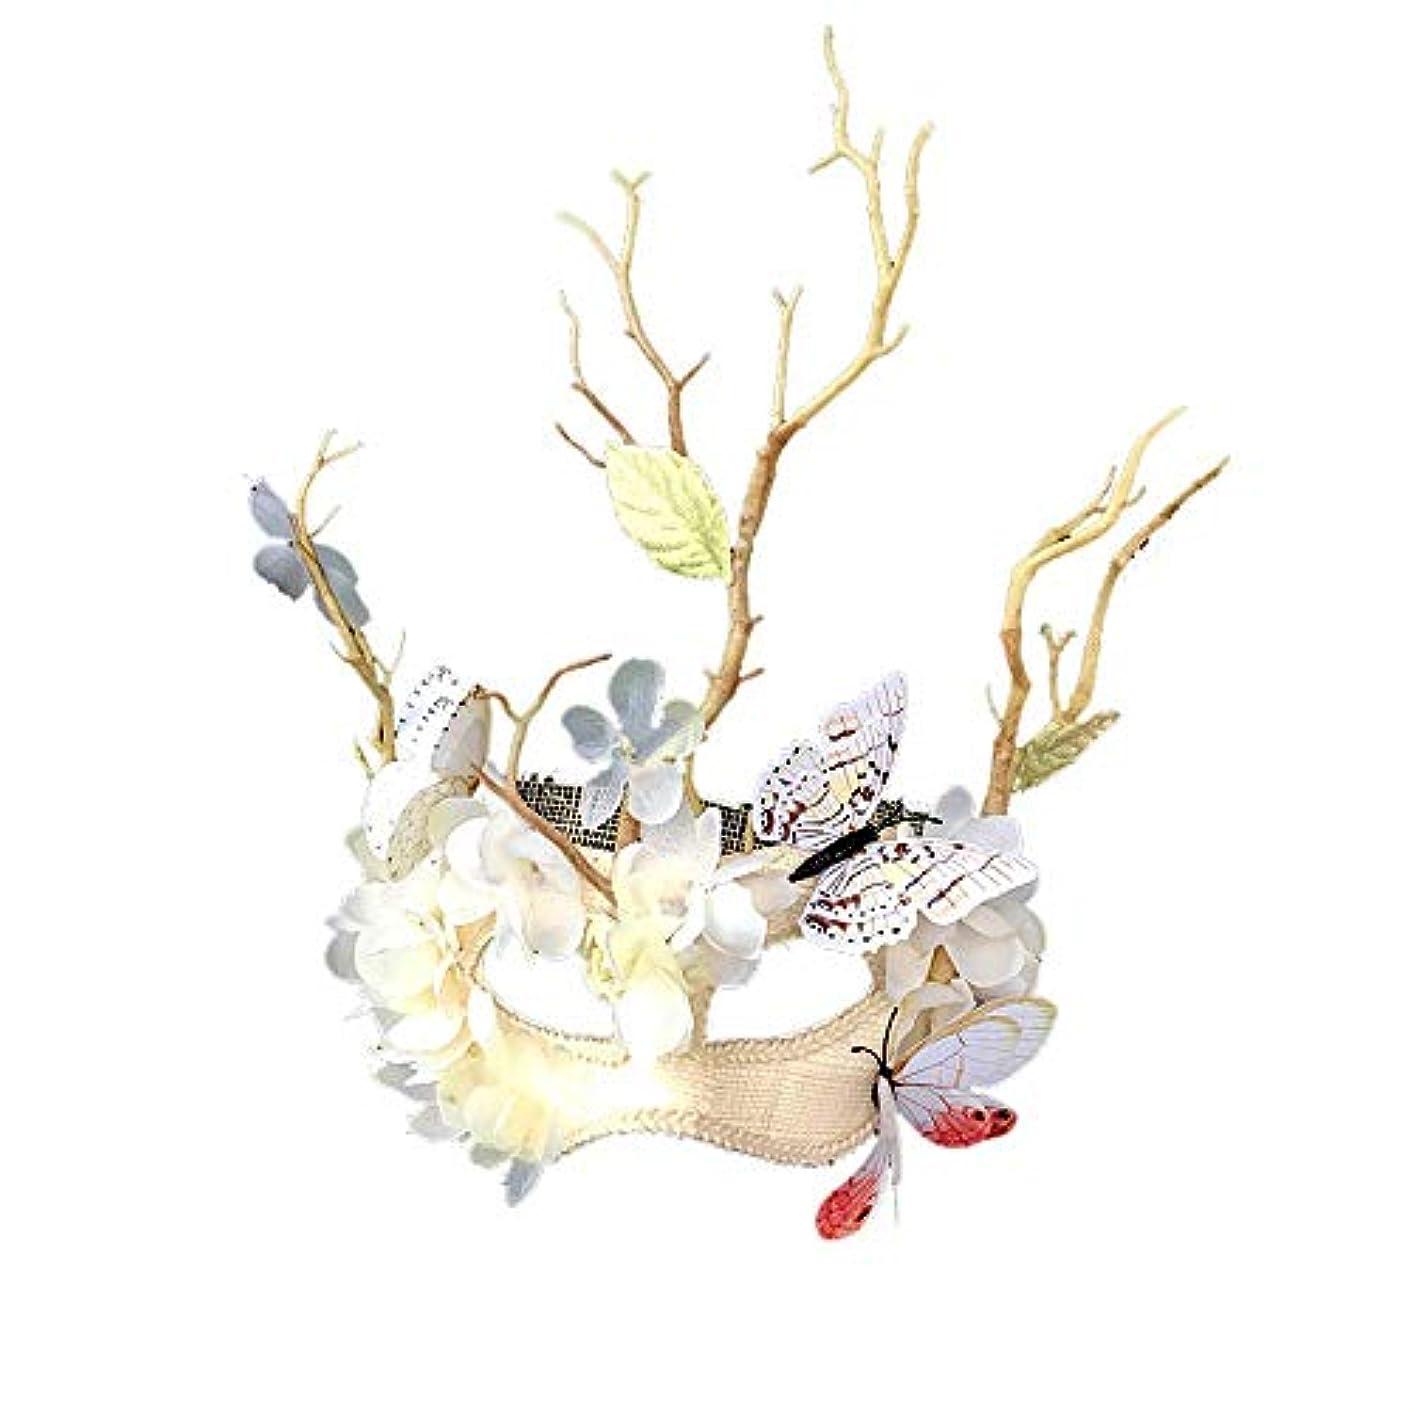 爪アドバンテージナラーバーNanle ハロウィンの蝶の木ブランチマスク仮装マスクレディミスプリンセス美容祭パーティーデコレーション (色 : ベージュ)